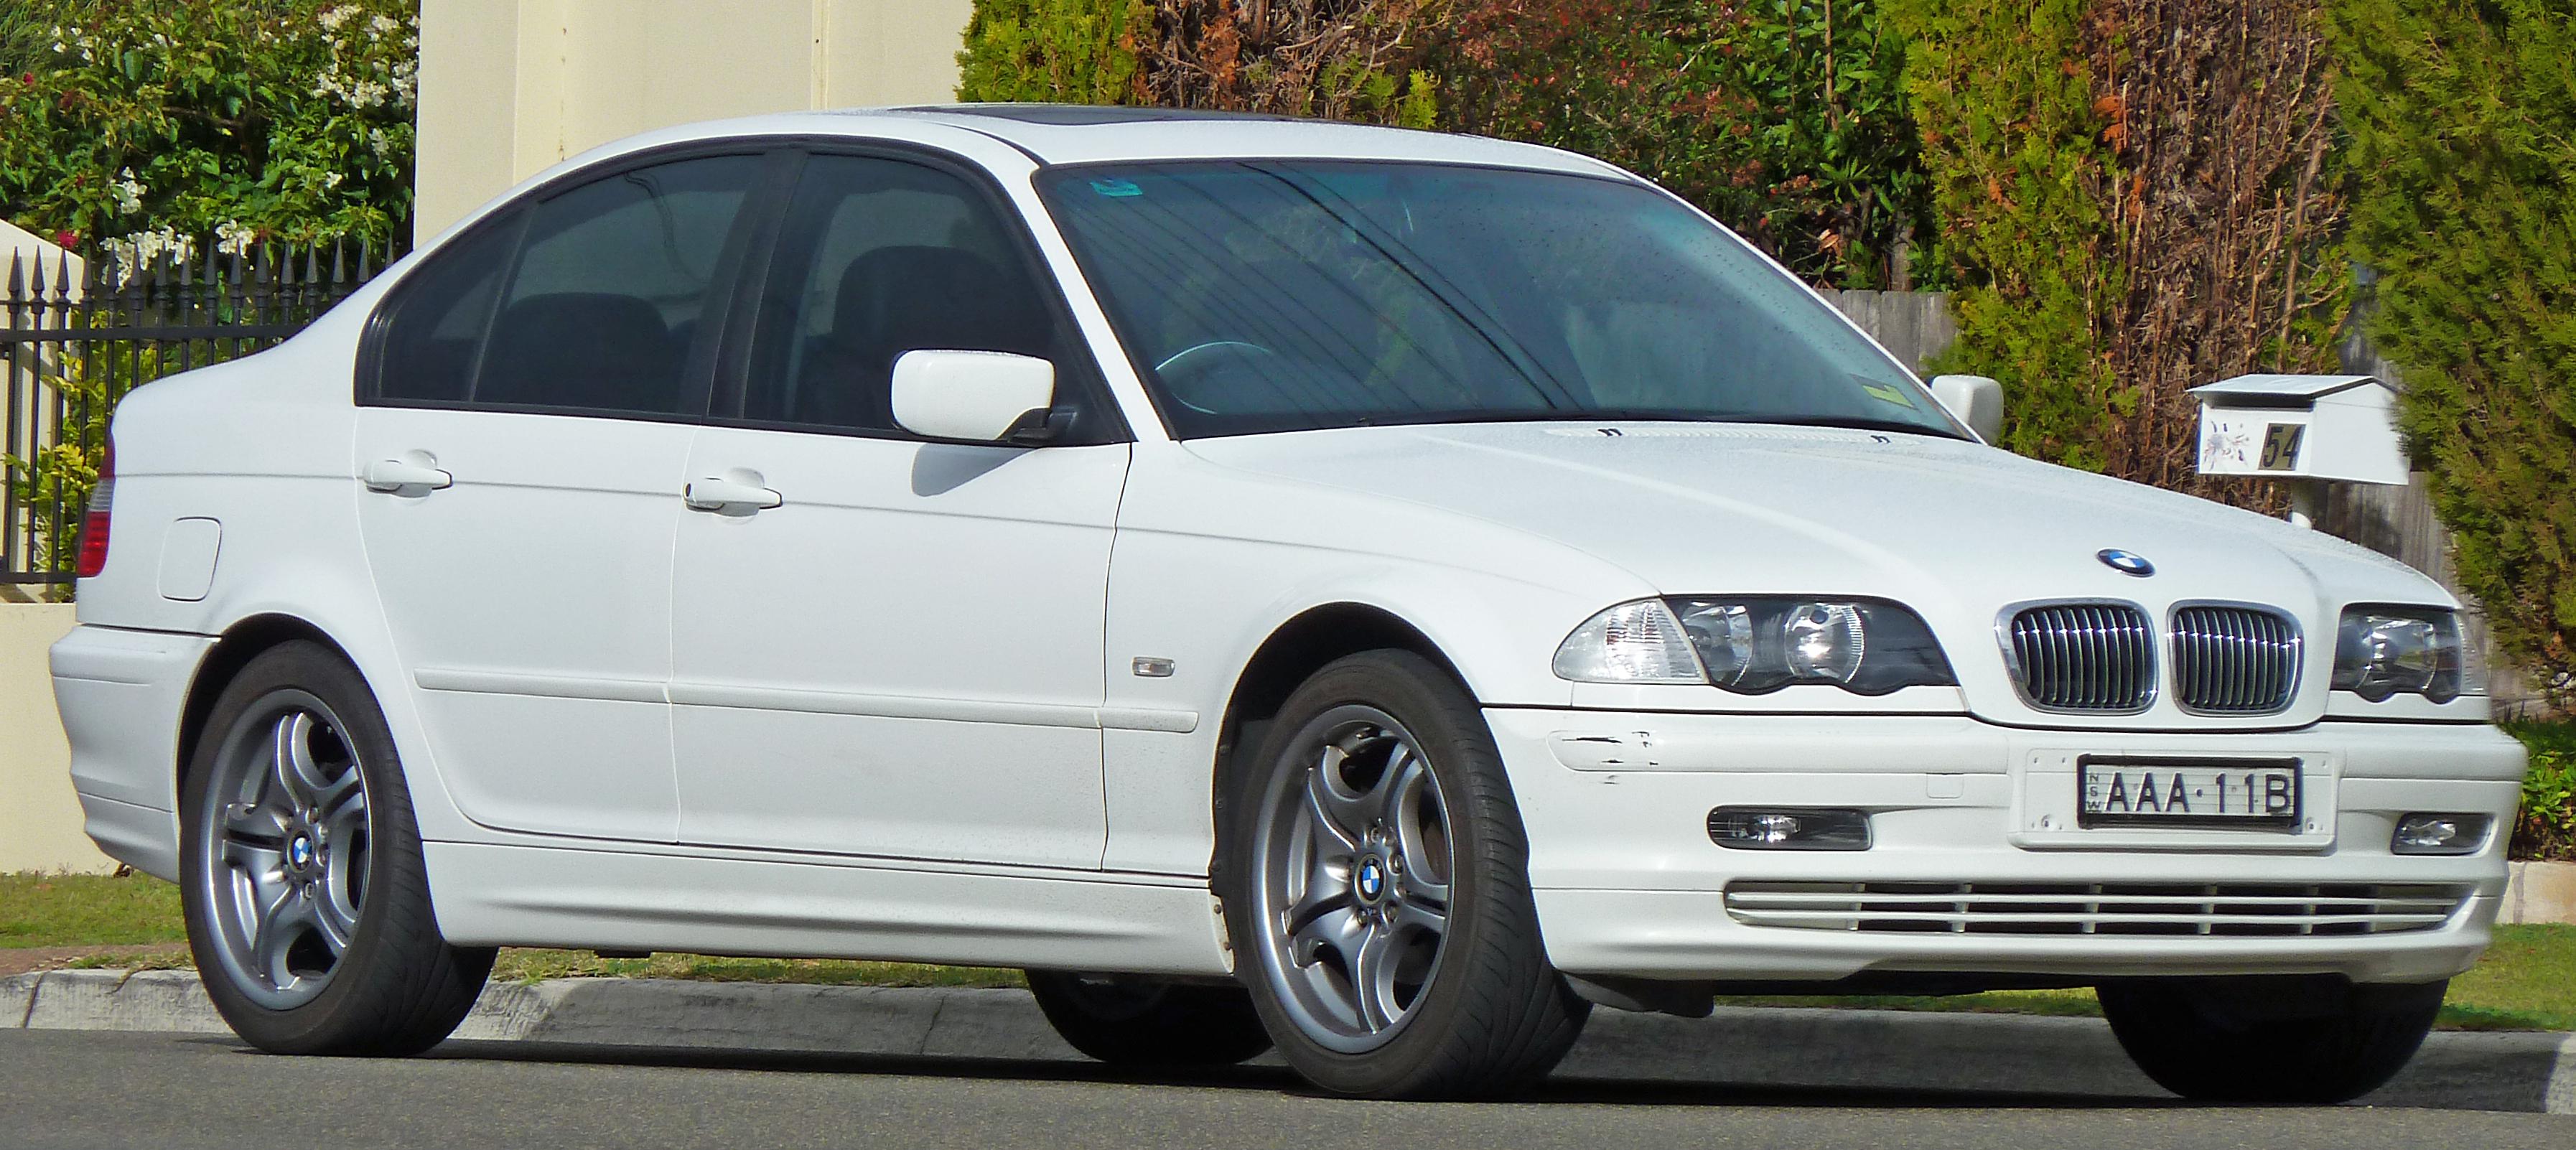 Description 2001 BMW 318i (E46) sedan (2010-07-08).